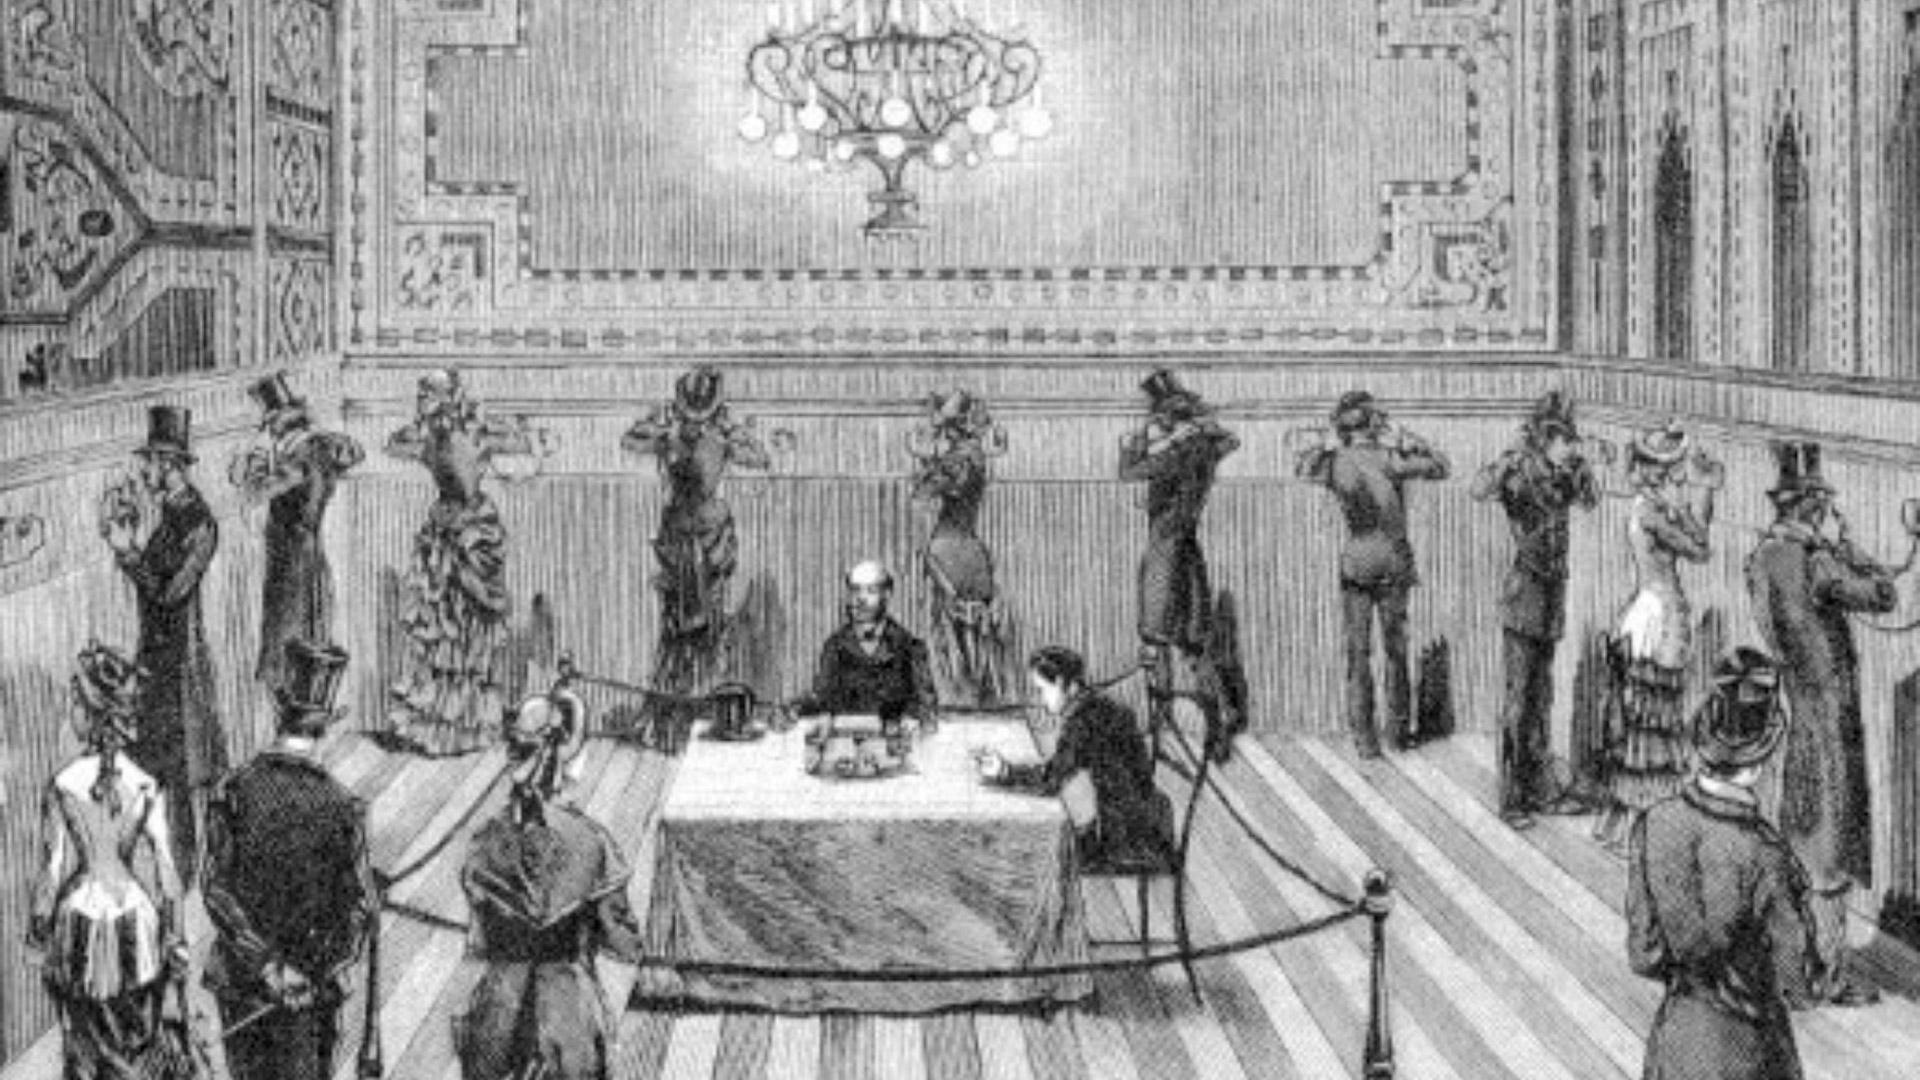 Спотифай XIX века: как королева Виктория слушала театр по телефону - 3